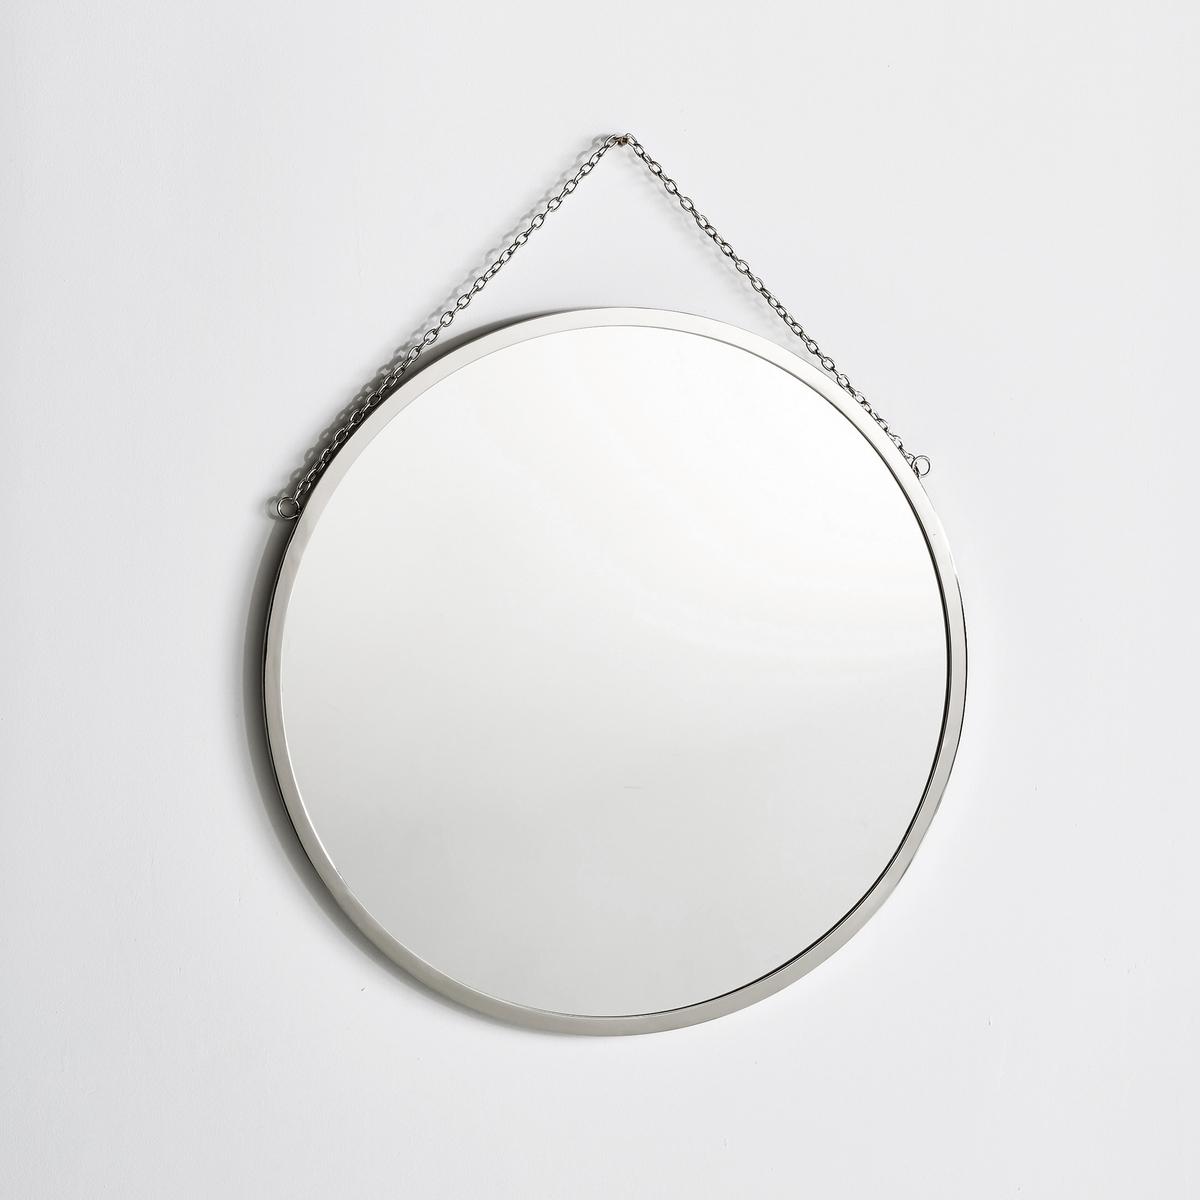 Зеркало La Redoute Круглое см единый размер другие зеркало la redoute прямоугольное большой размер д x в см barbier единый размер другие